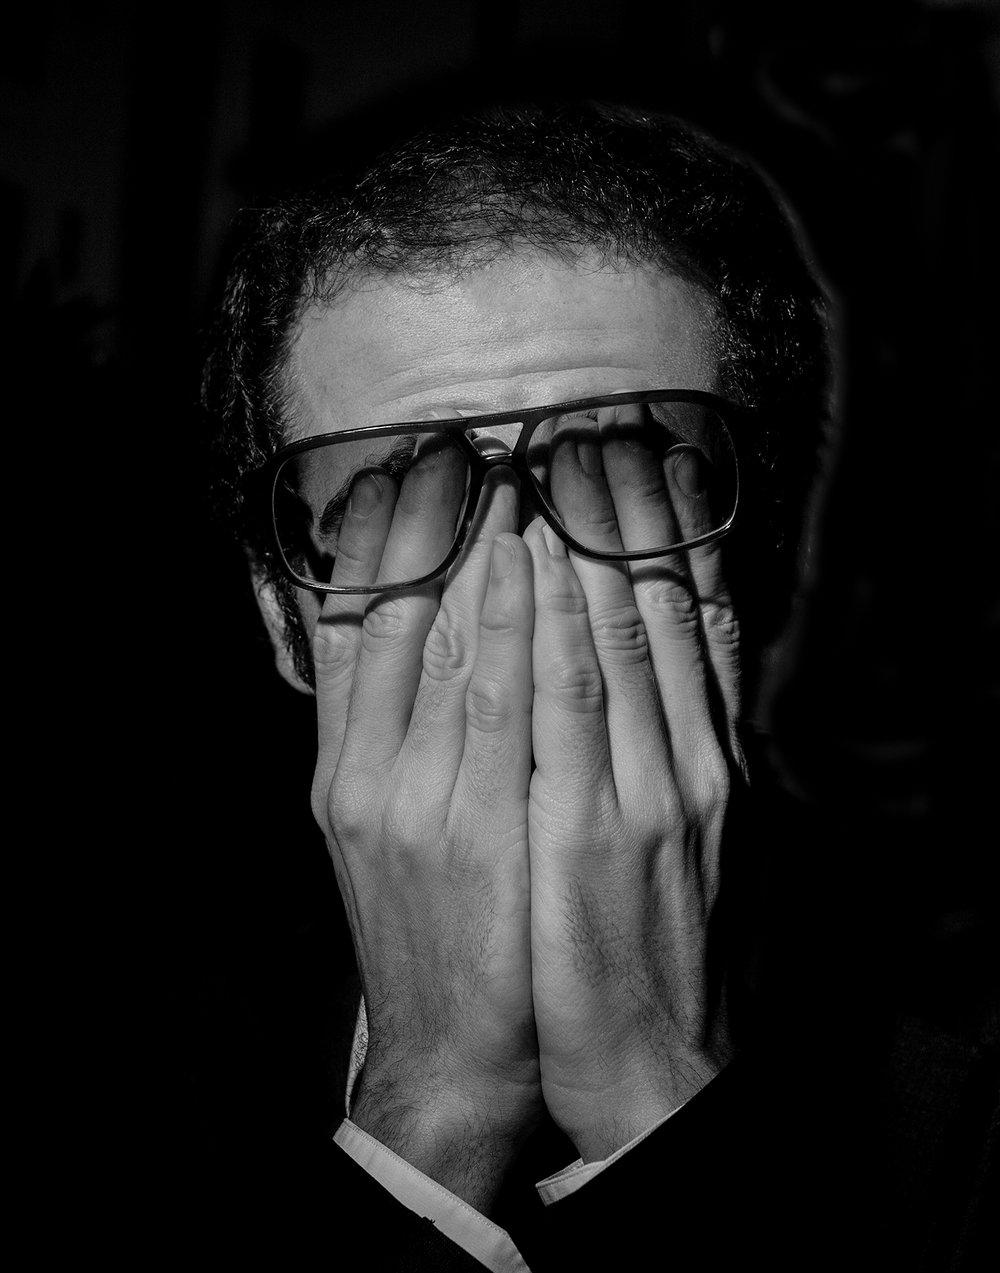 Thomas Bangalter & Daft Punk